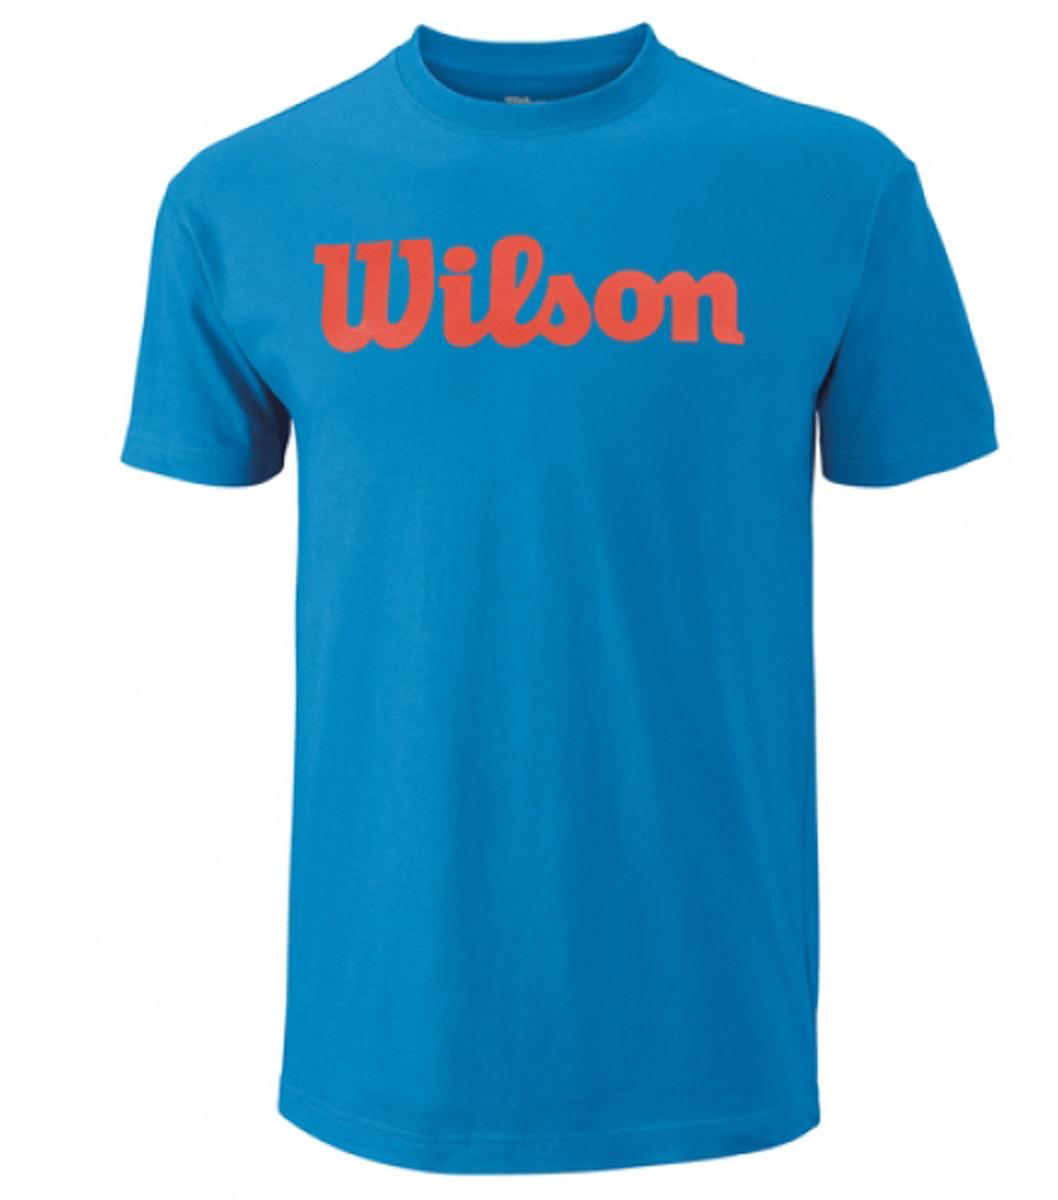 ФутболкаWRA747801Тренировочная футболка с логотипом Wilson. Спортивный крой для оптимального комфорта. Модель выполнена с круглой горловиной и короткими рукавами.